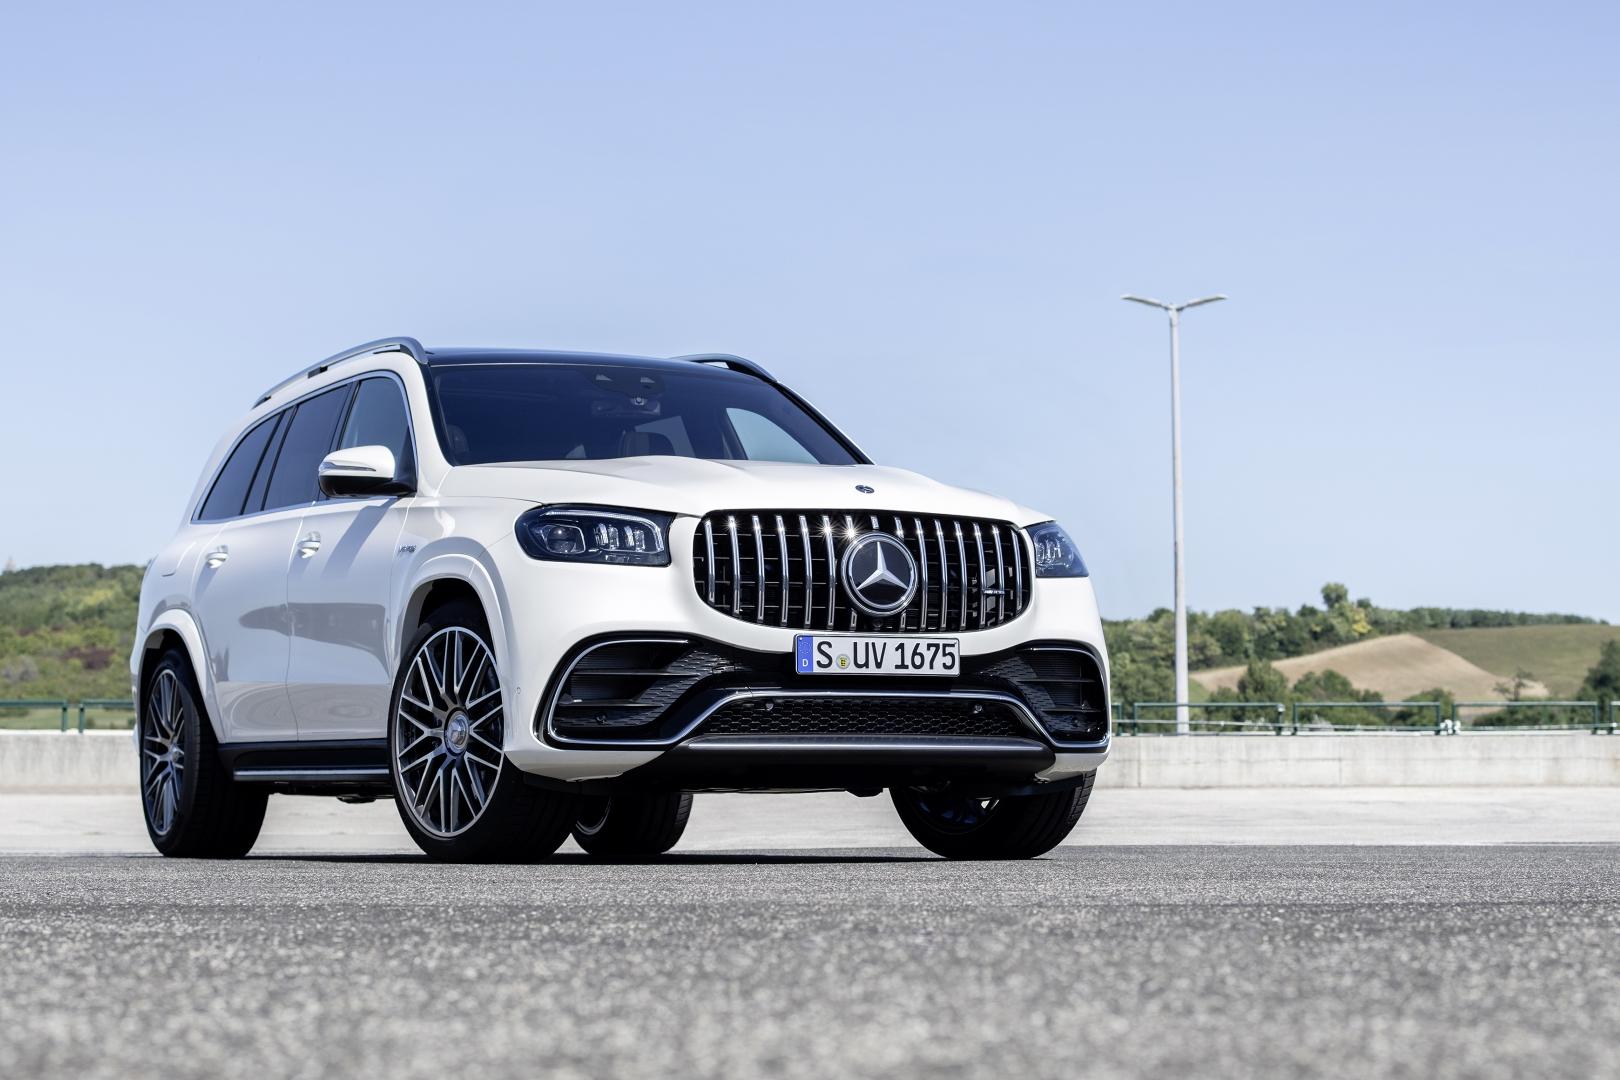 balta Mercedes-AMG GLS 63 4MATIC+ kelyje